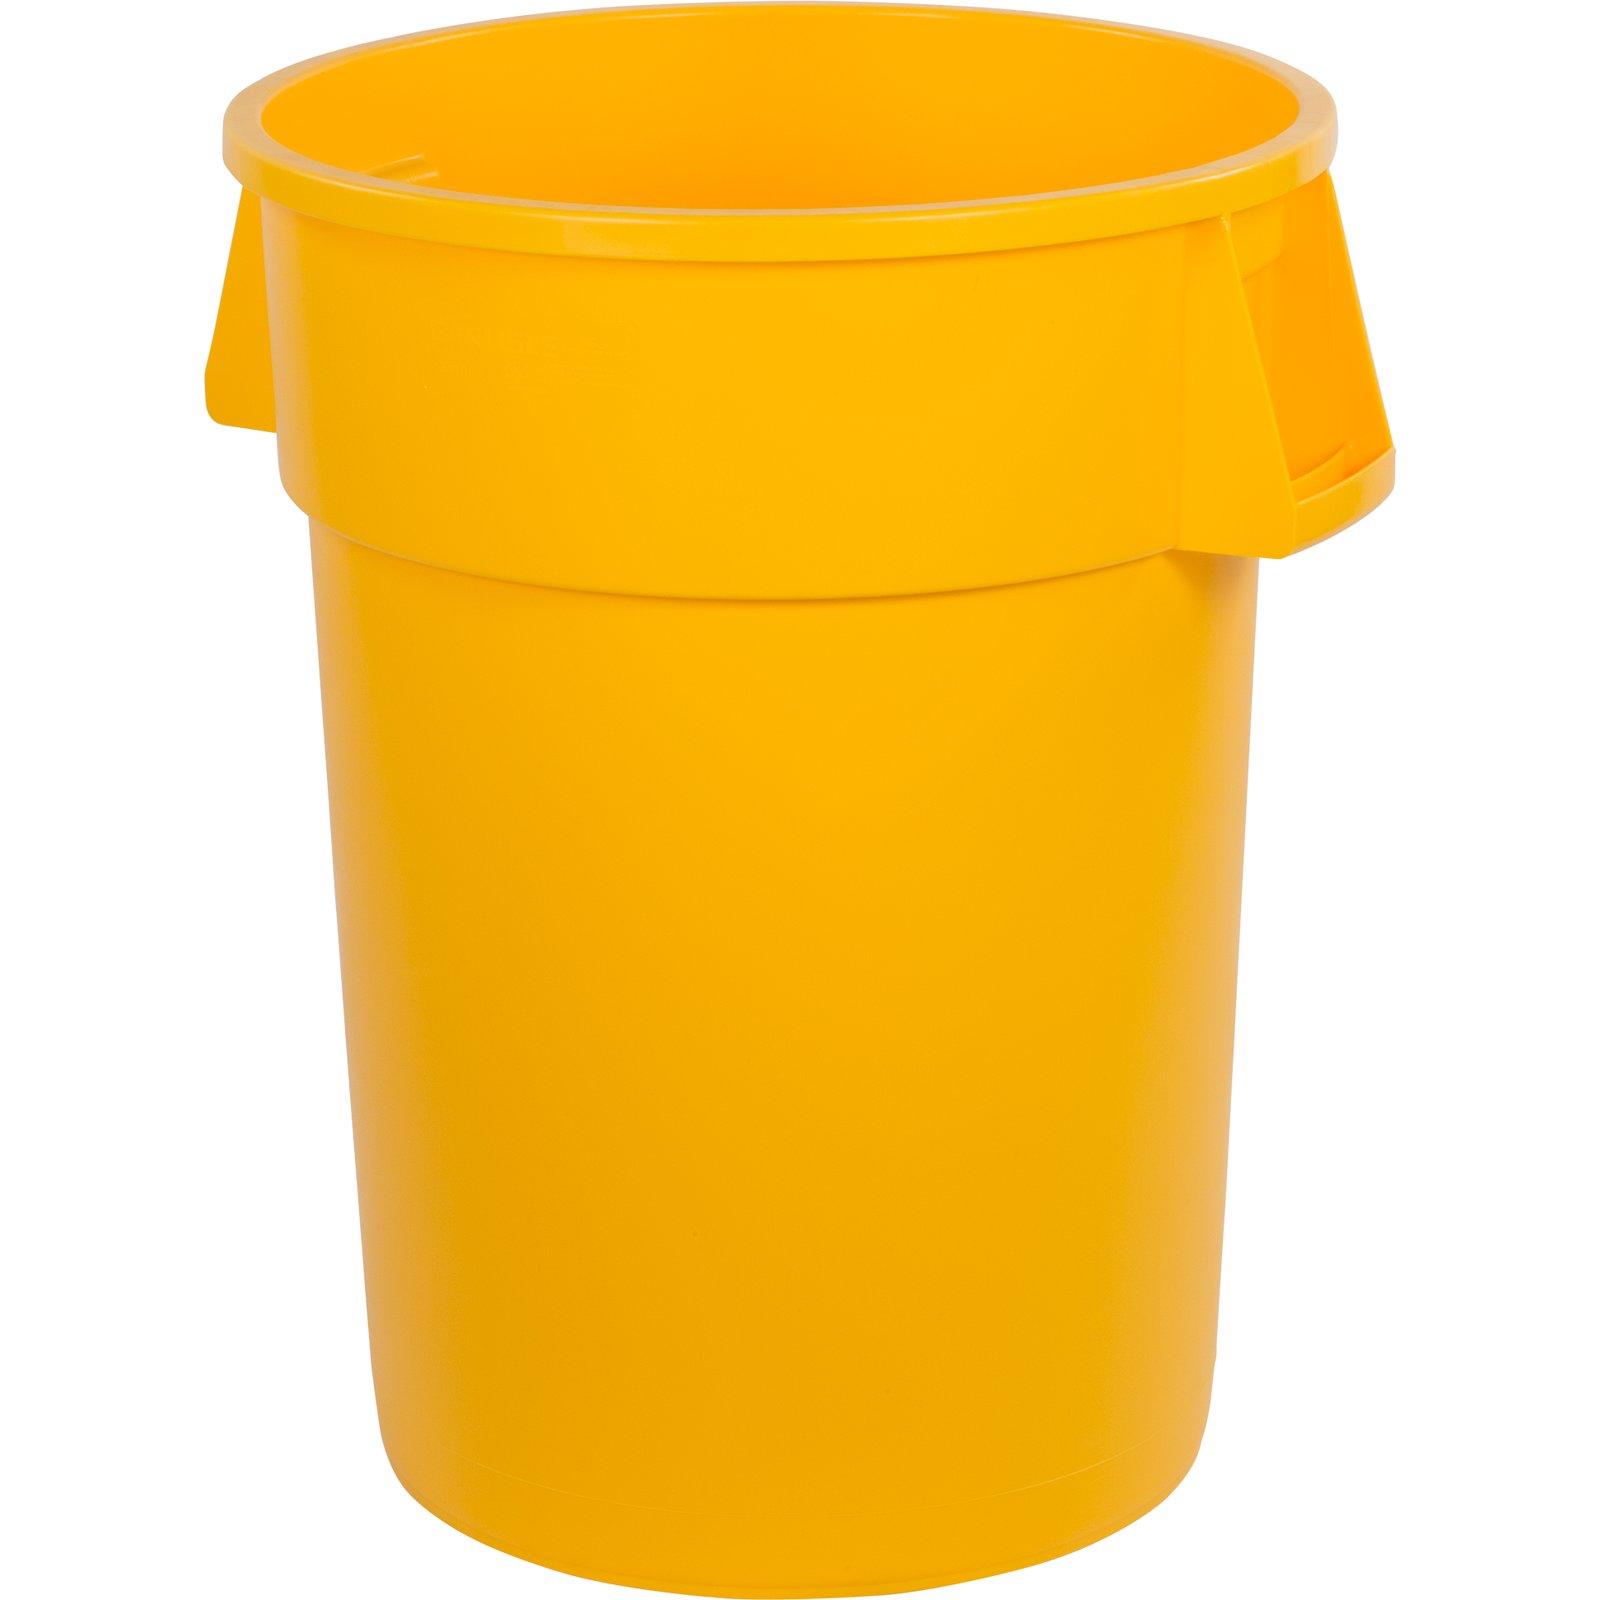 34104404 - Bronco™ Round Waste Bin Trash Container 44